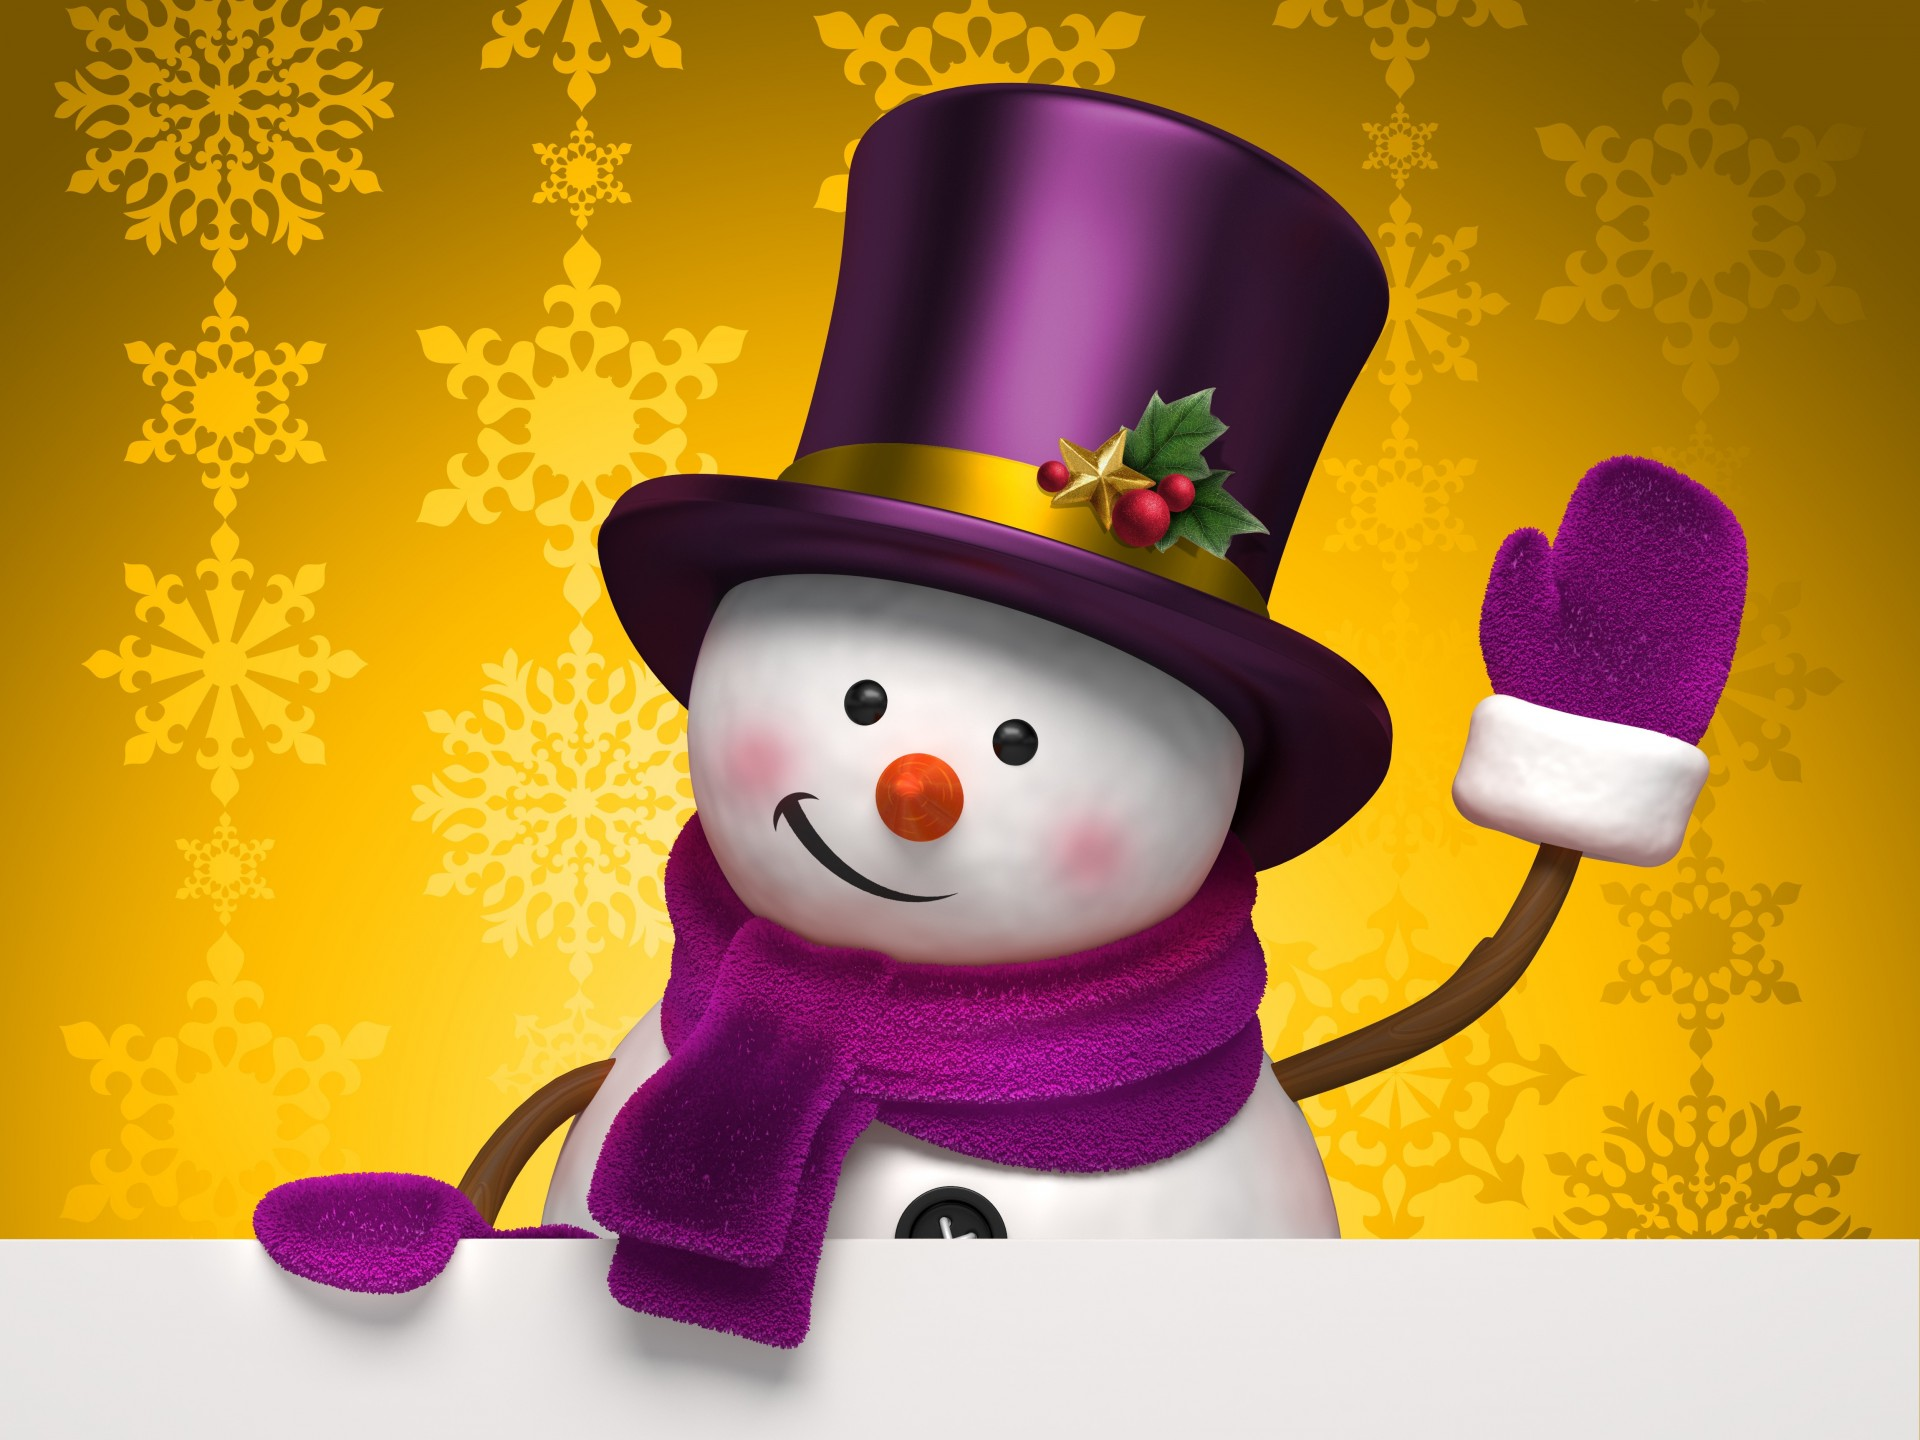 расположен картинки на рабочий снеговик позировала фотографу